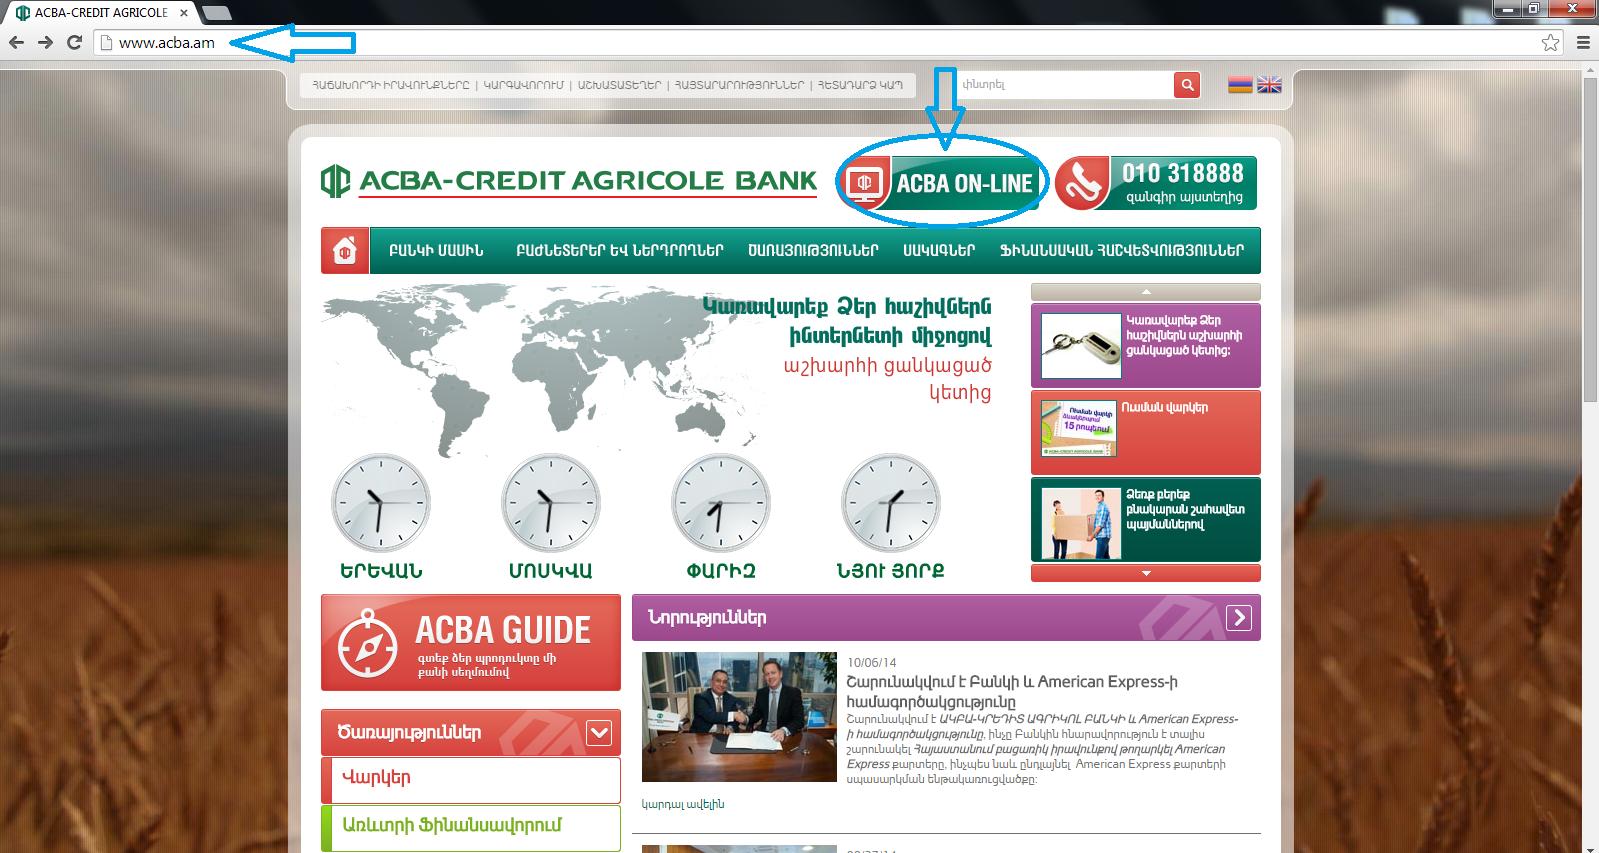 Հակերները կեղծել են ACBA-Online համակարգի կայքը